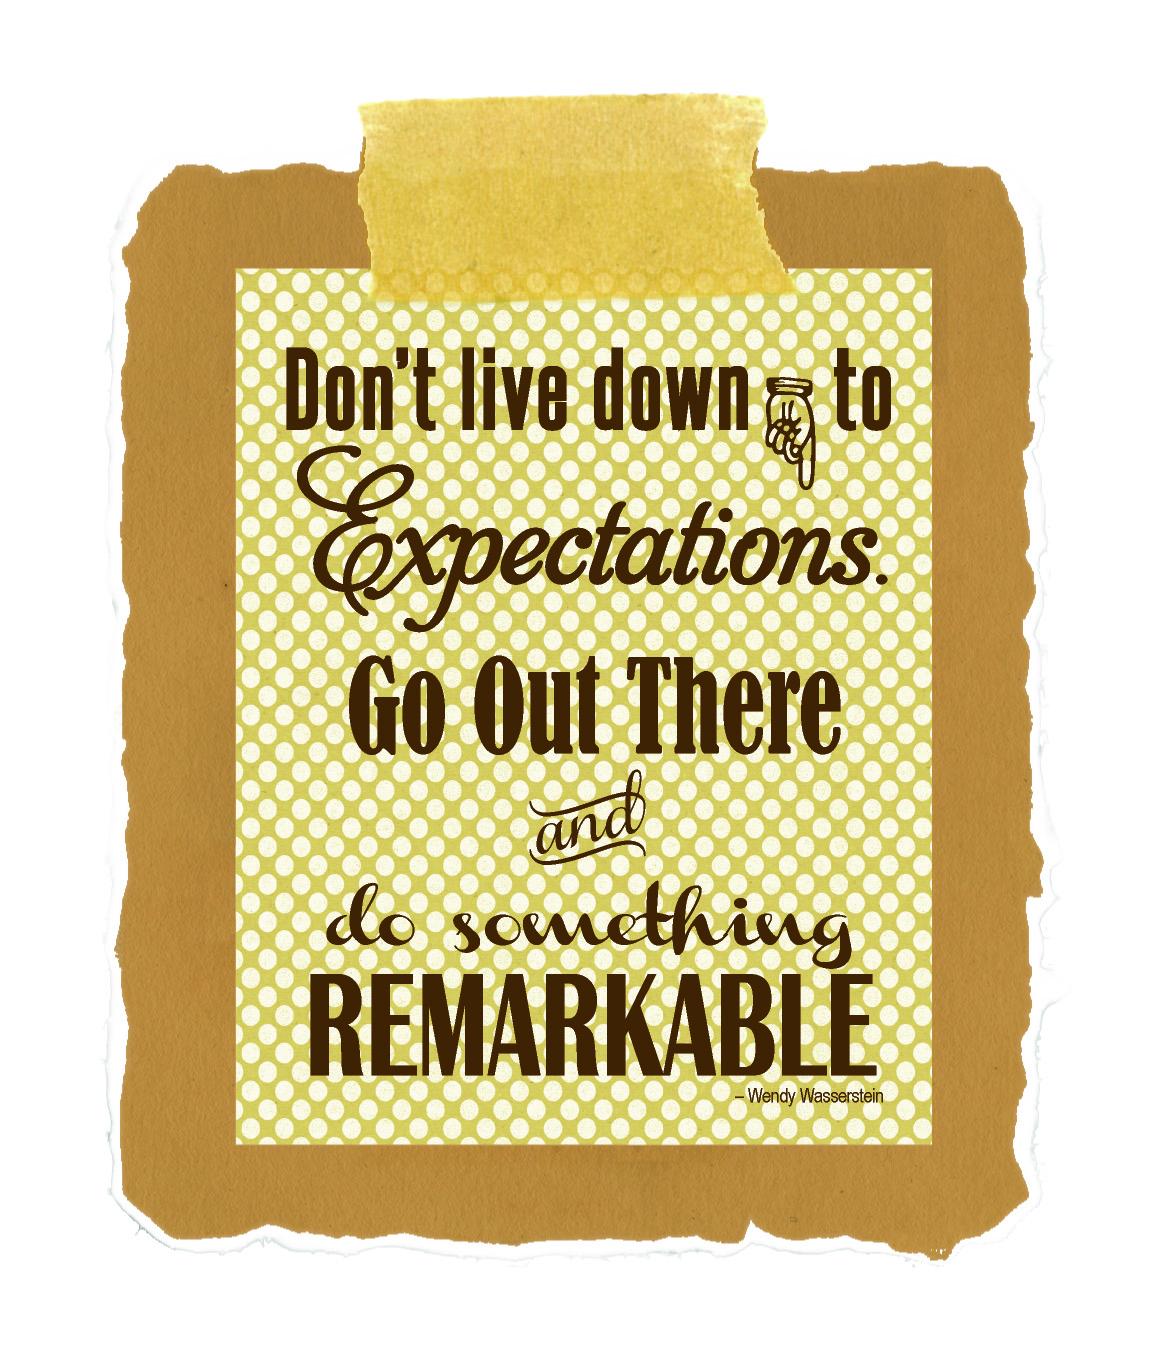 Disney High School Graduation Quotes. QuotesGram